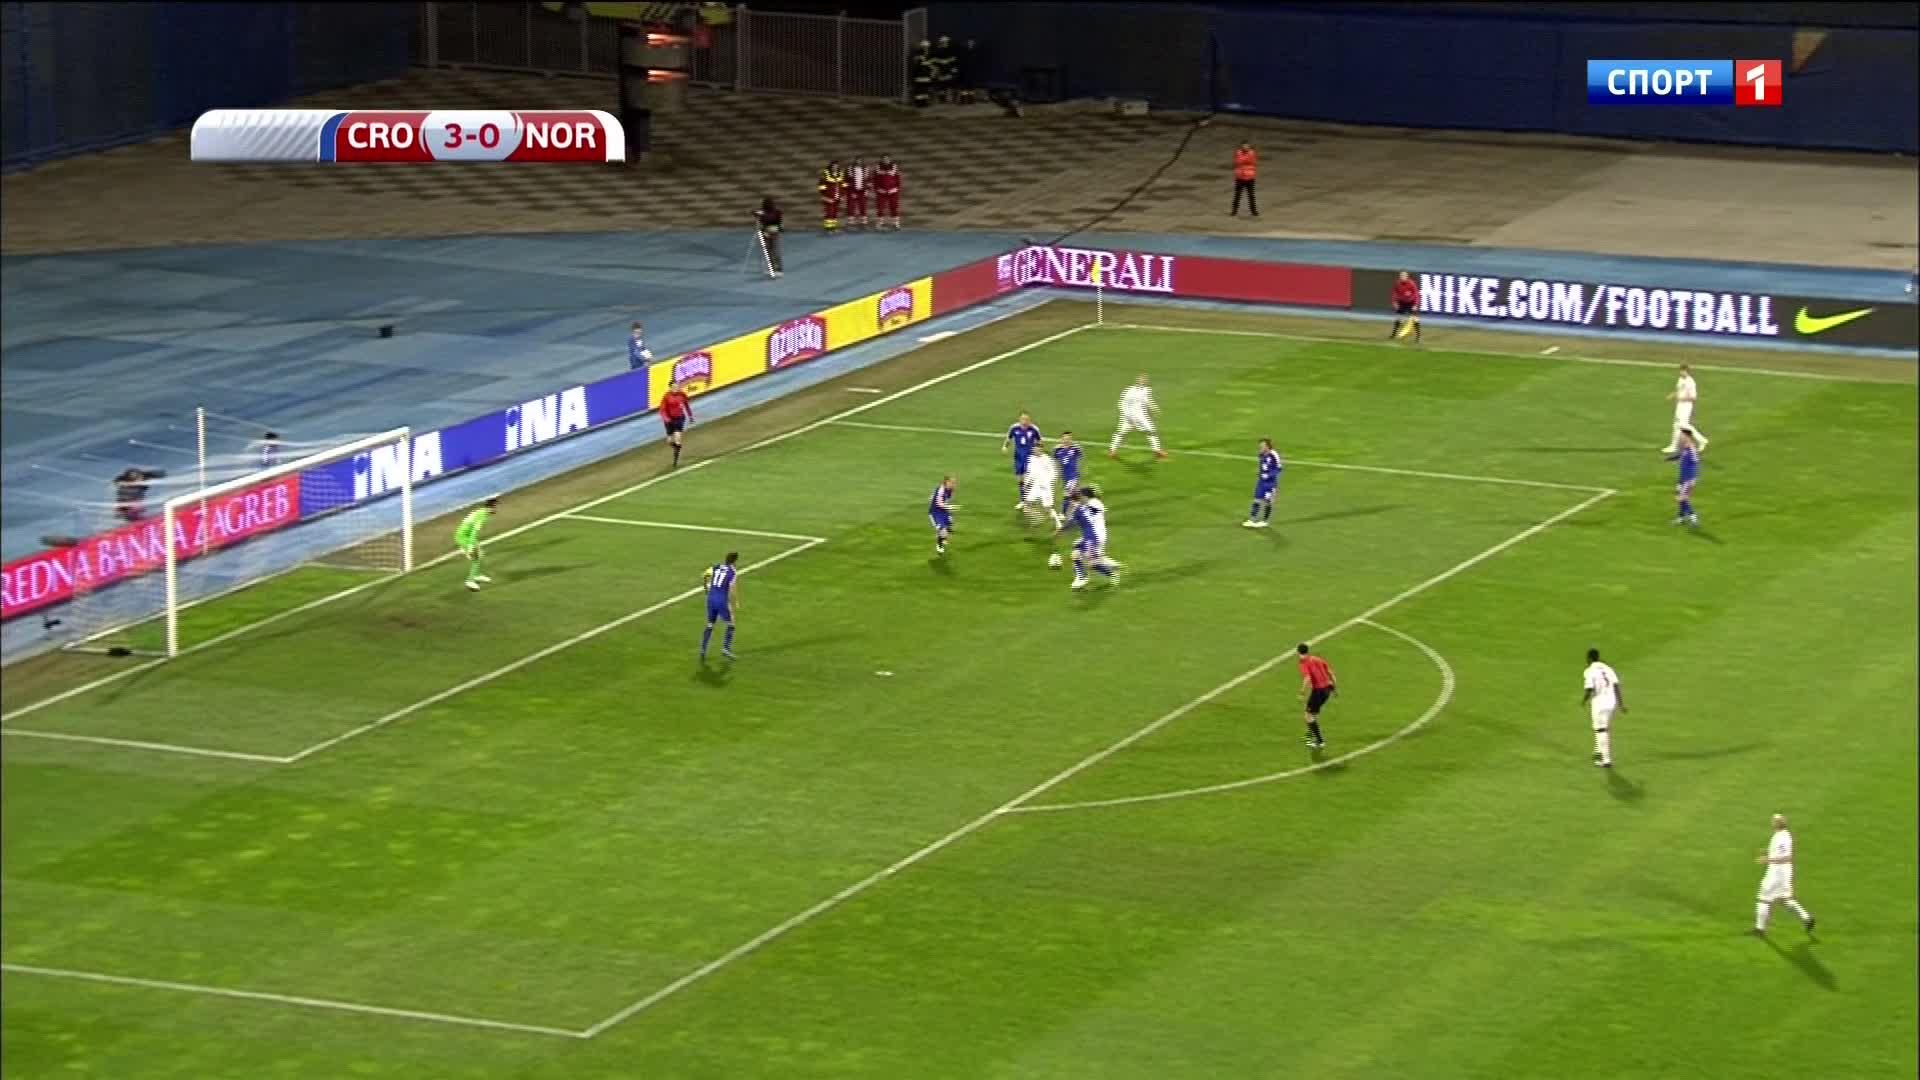 http://rgfootball.tv/media/up/14276219907.jpg